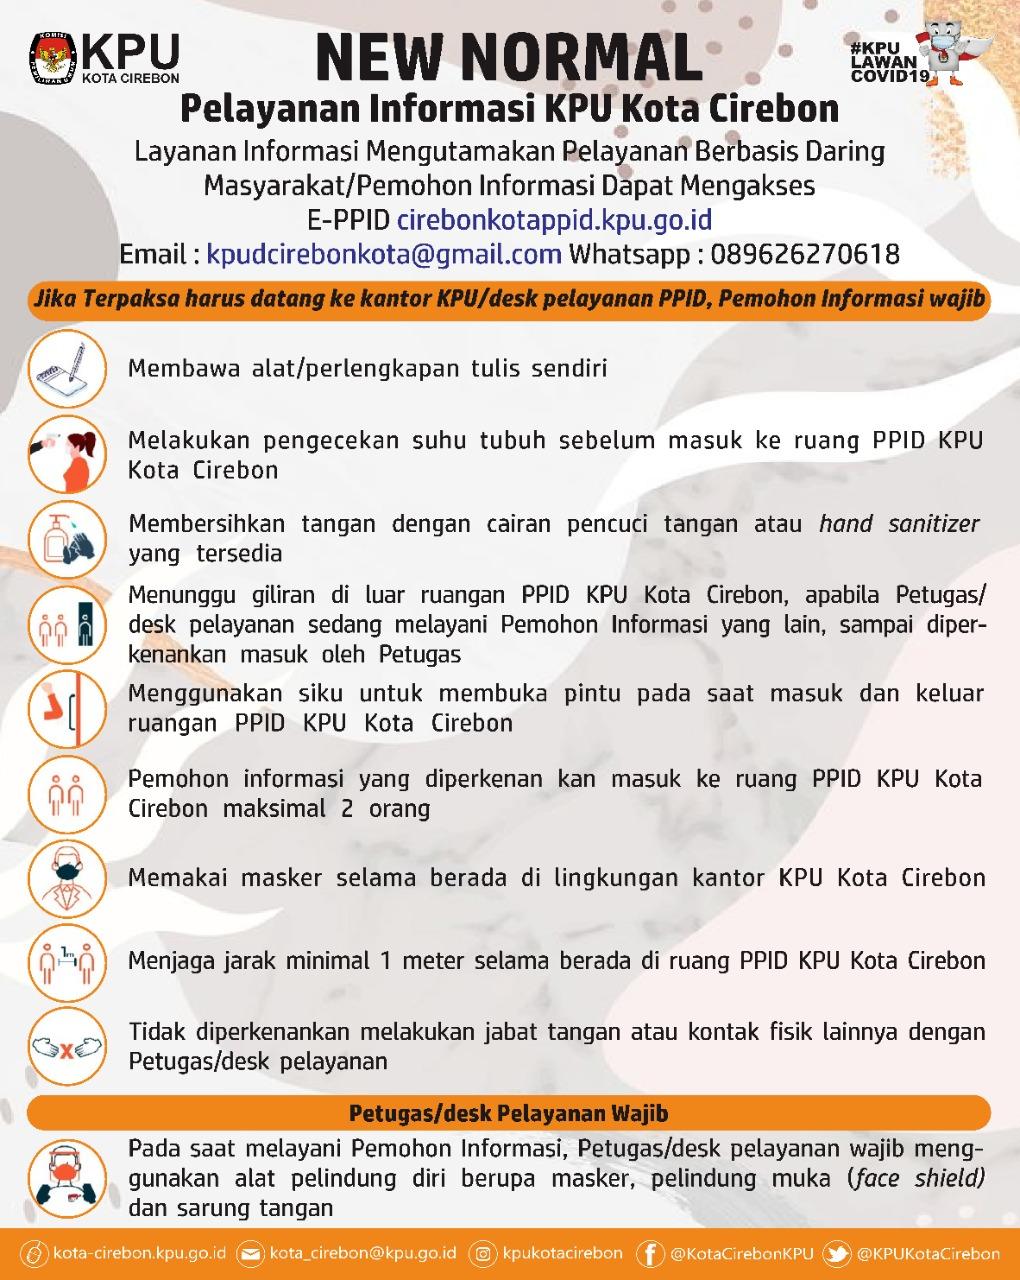 Pelayanan Informasi